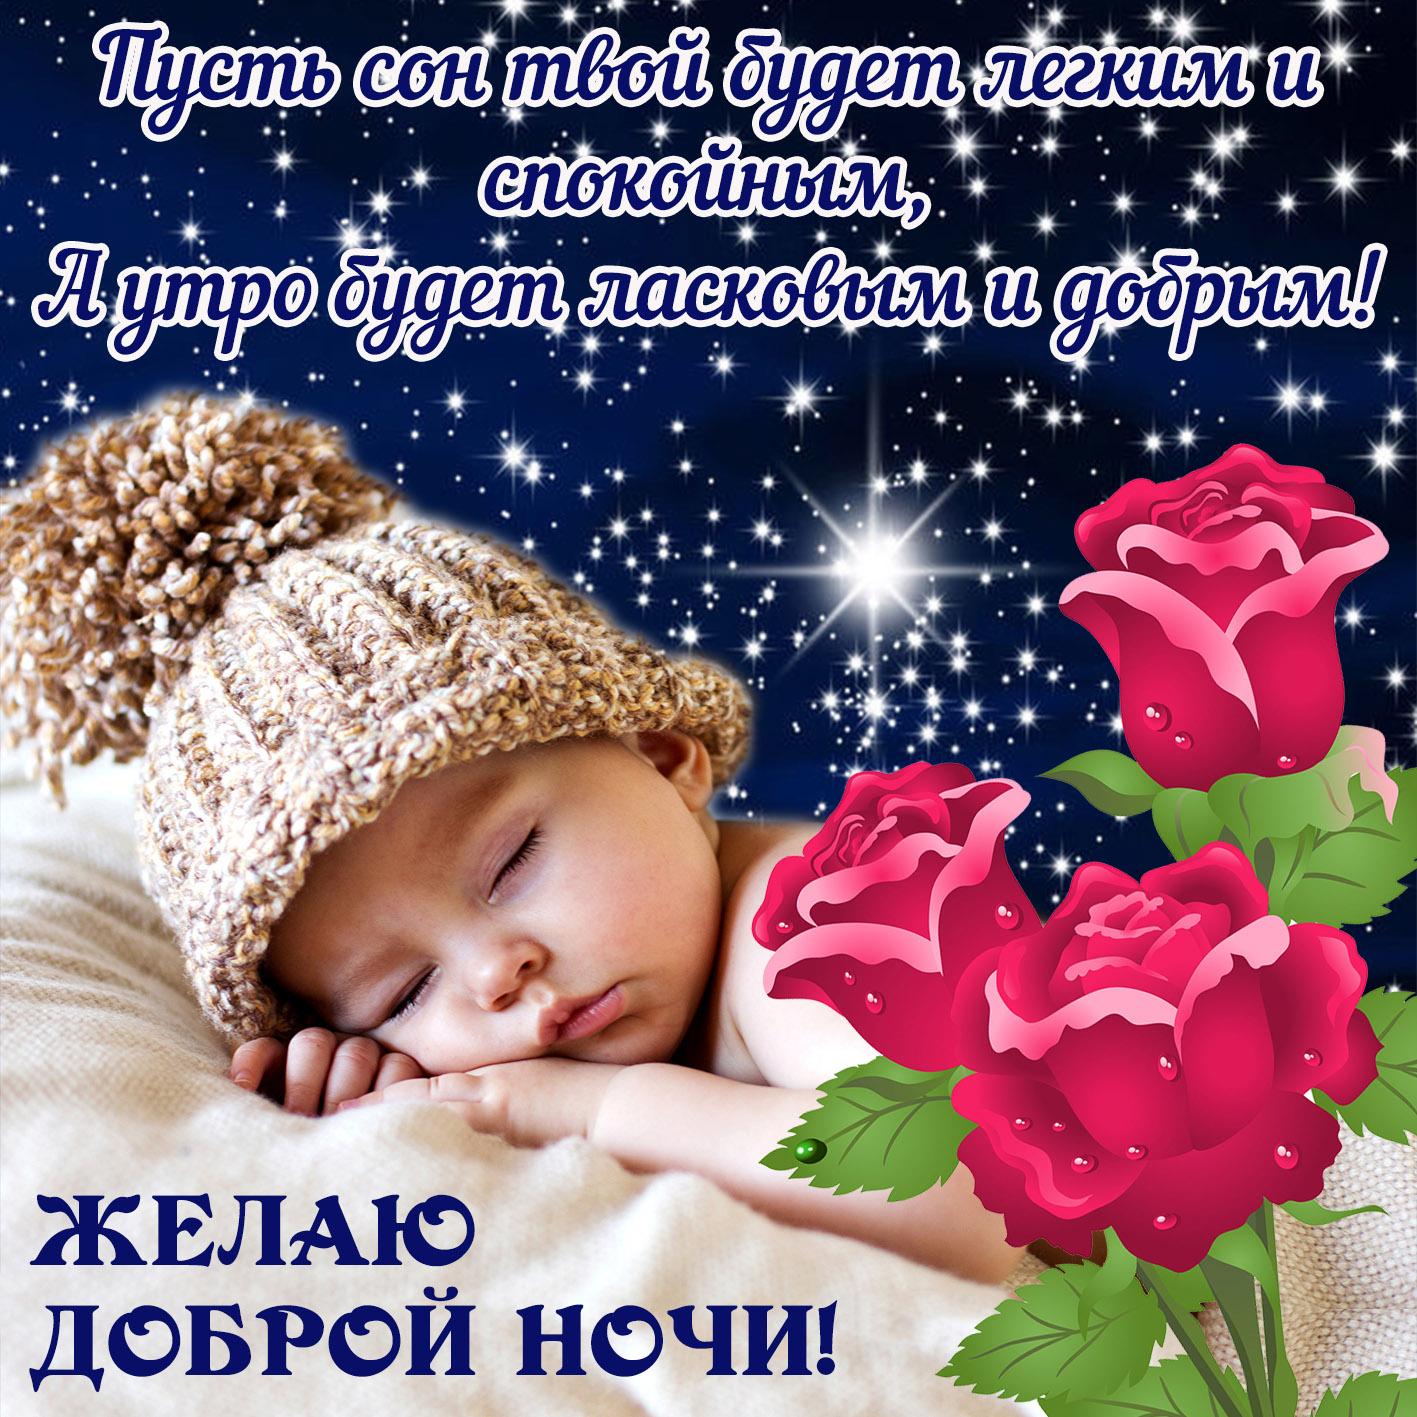 Днем, открытки самые интересные спокойной ночи